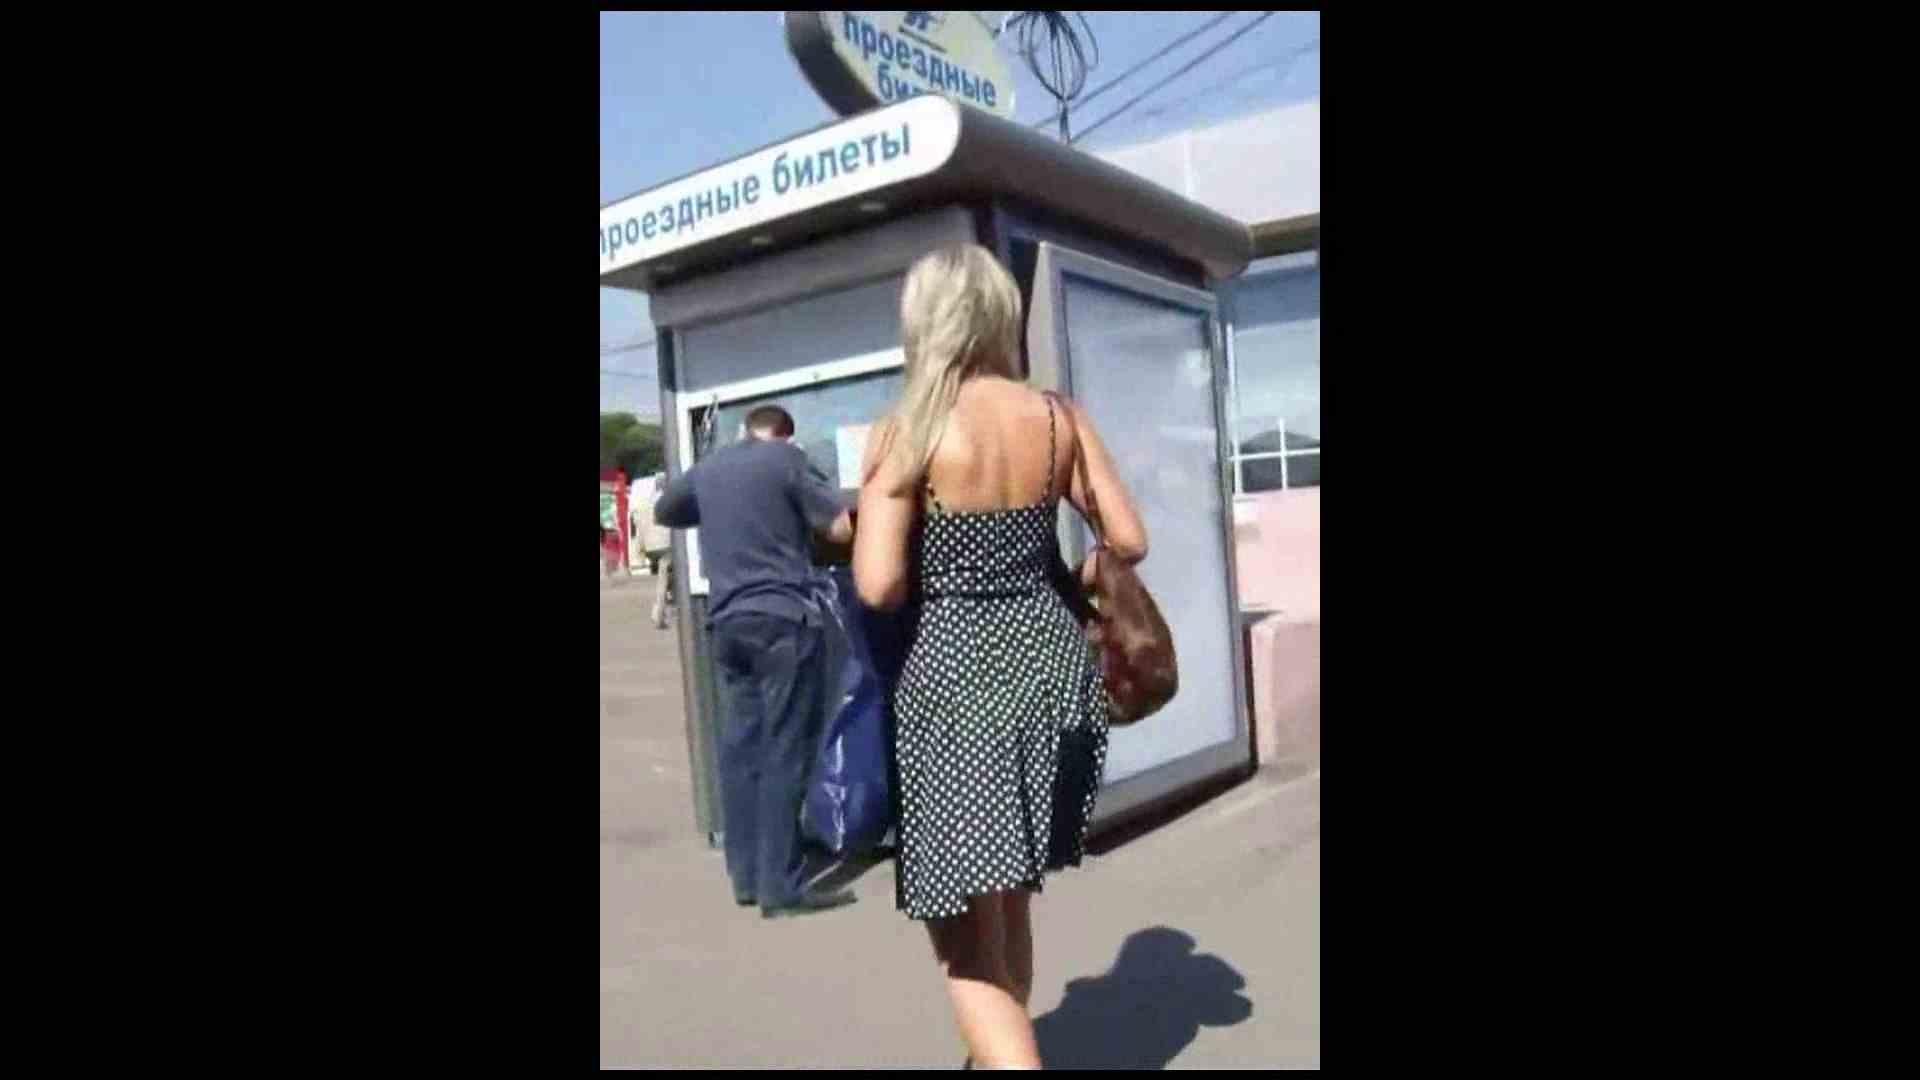 綺麗なモデルさんのスカート捲っちゃおう‼vol03 OLのエロ生活 盗み撮り動画キャプチャ 98連発 17